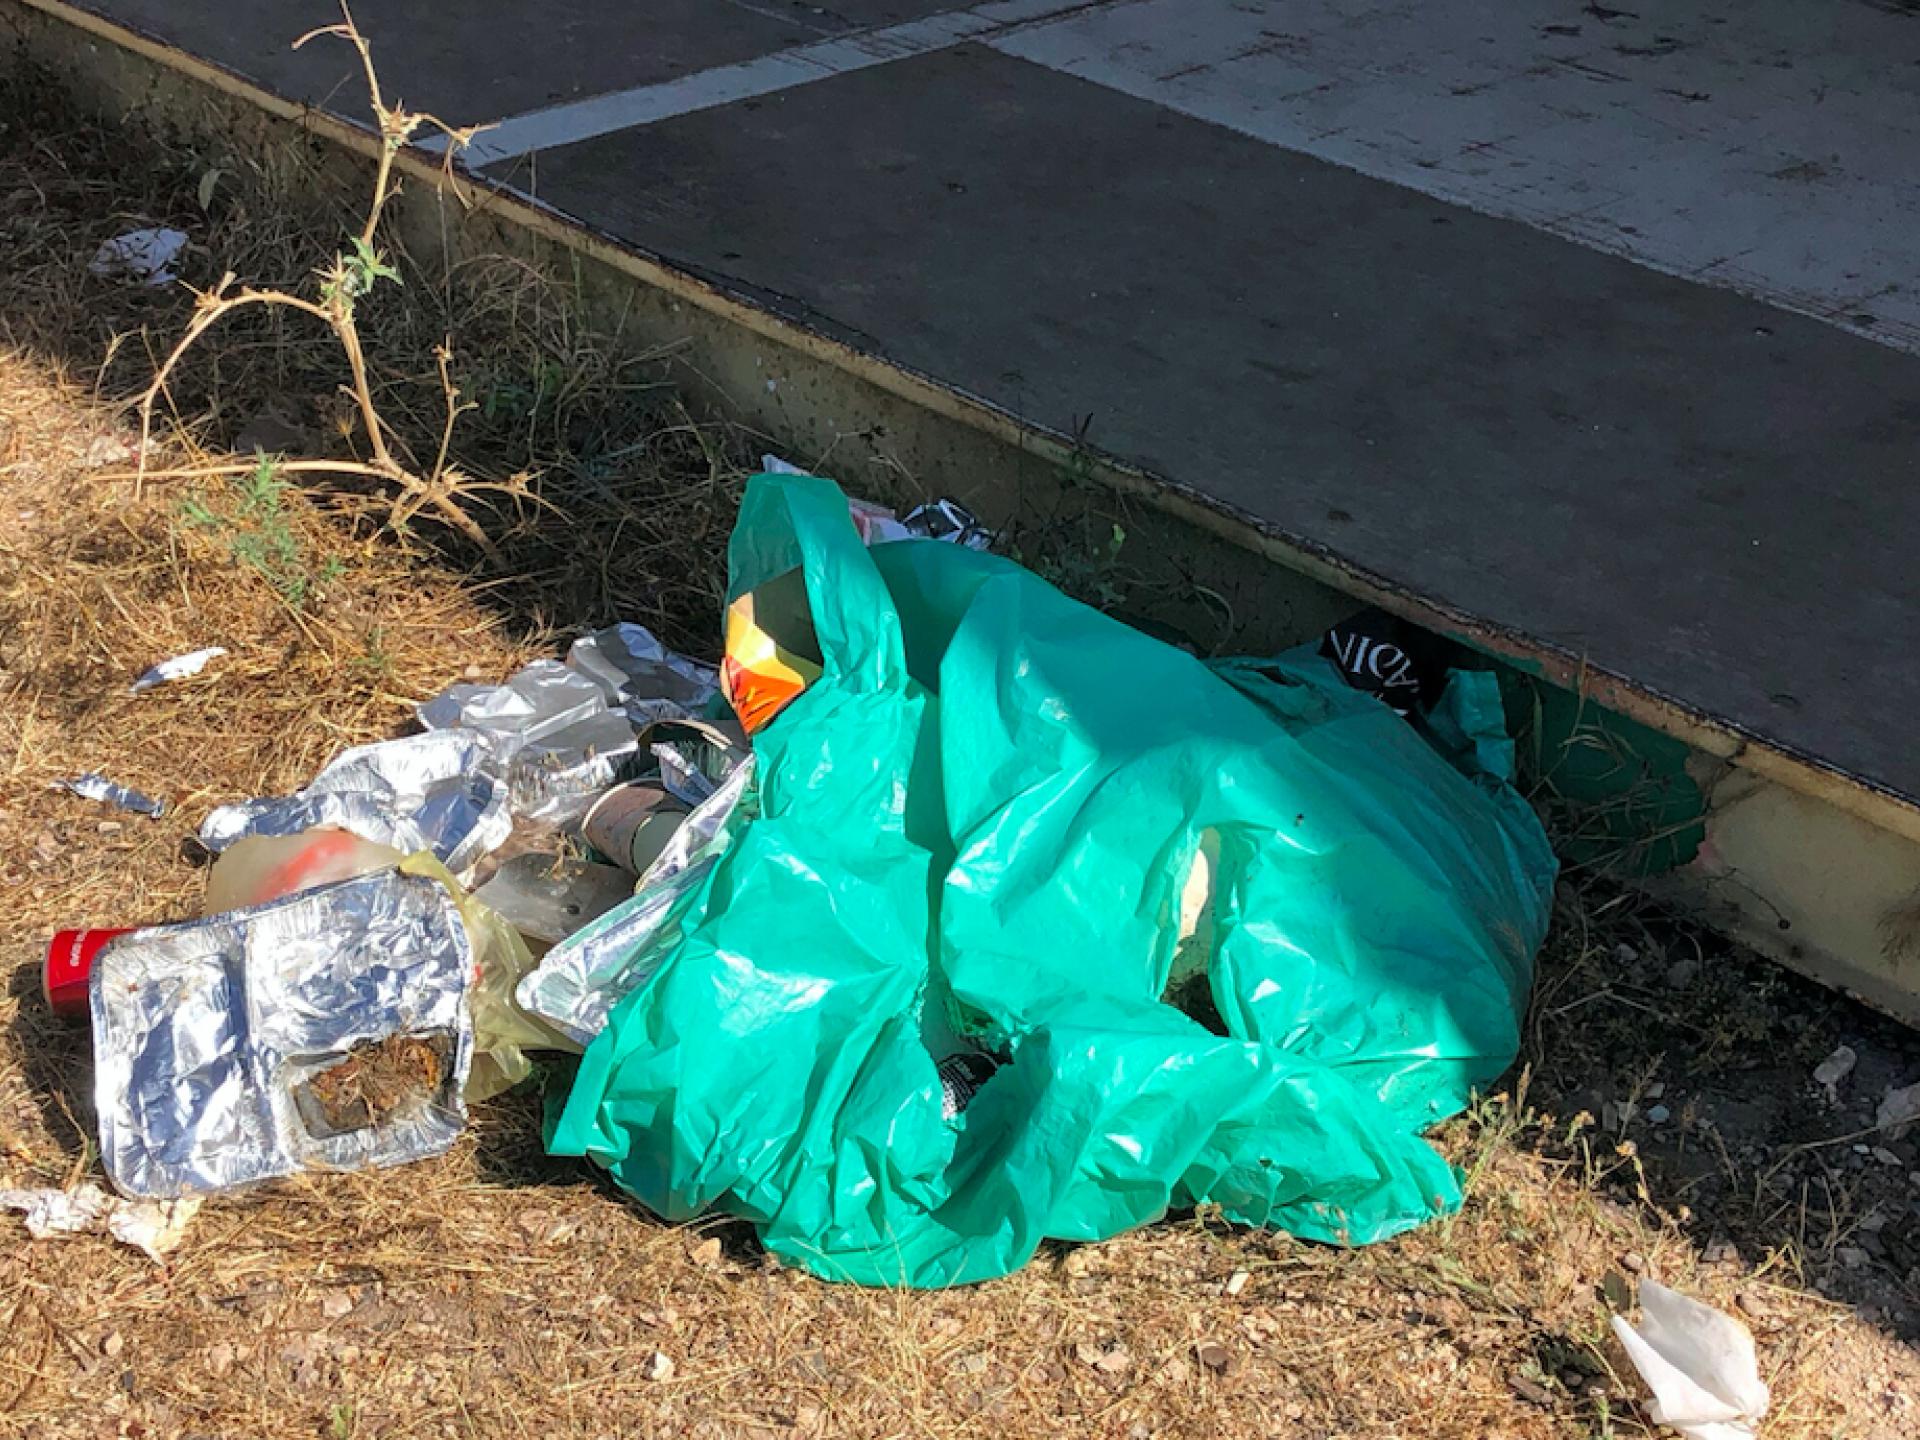 שקית אשפה זרוקה על האדמה עם פסולת מארוחת צהריים של החיילים נשפכת מתוכה